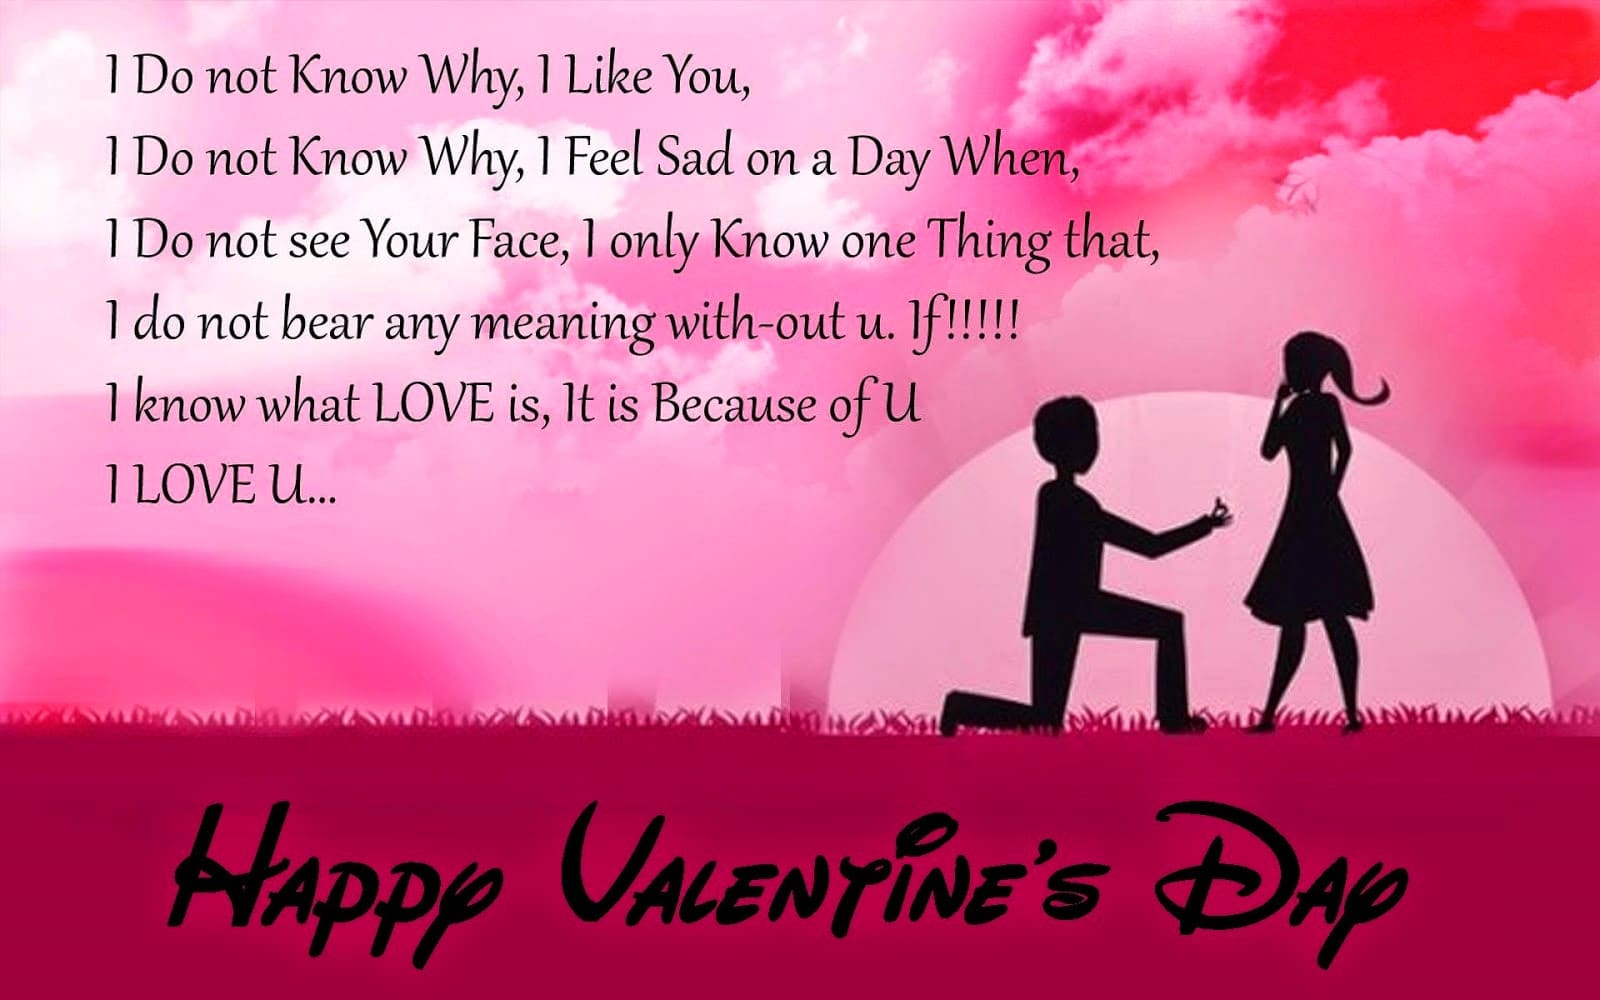 Valentine's Day Wishes to Boyfriend